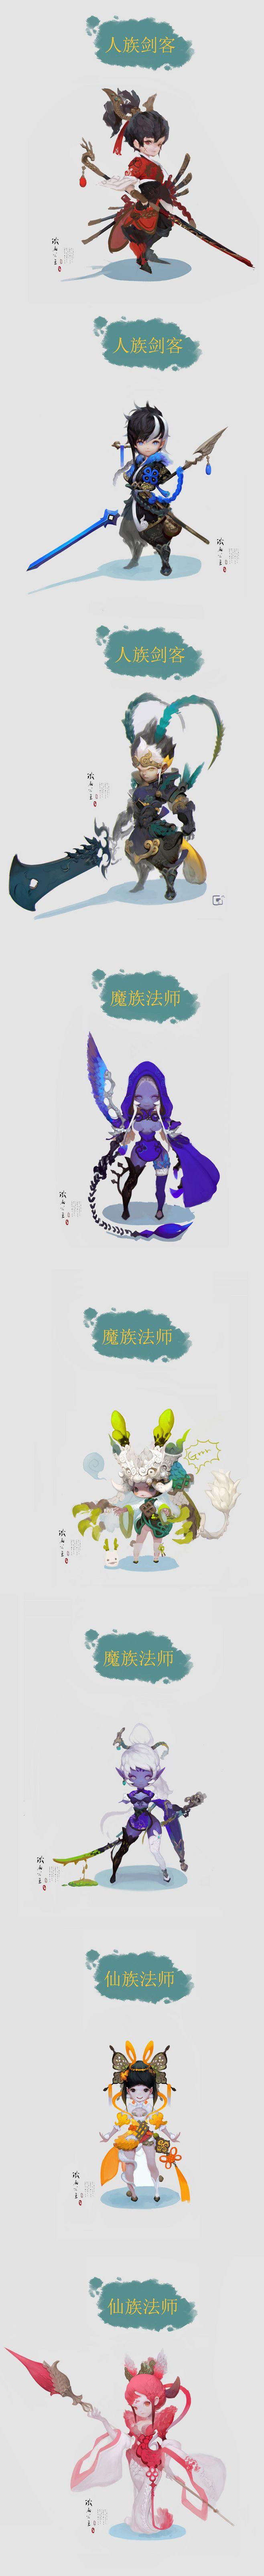 고독한가정부 : 일류그래퍼!!(예정)@乐异采集到日韩(角色-写实)(1516图)_花瓣游戏